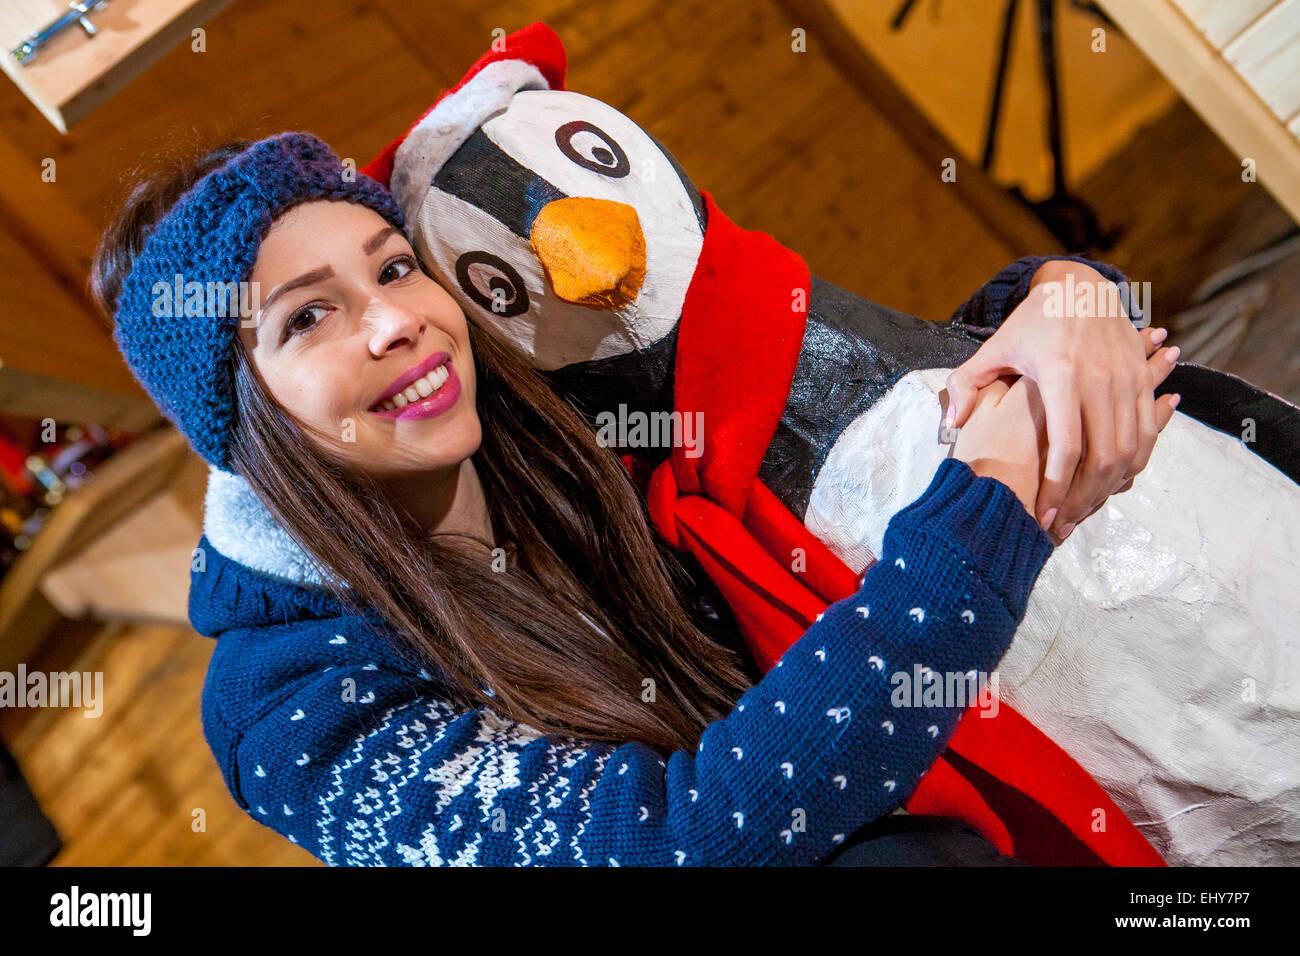 Junge Frau posiert mit Pinguin Figur Stockbild